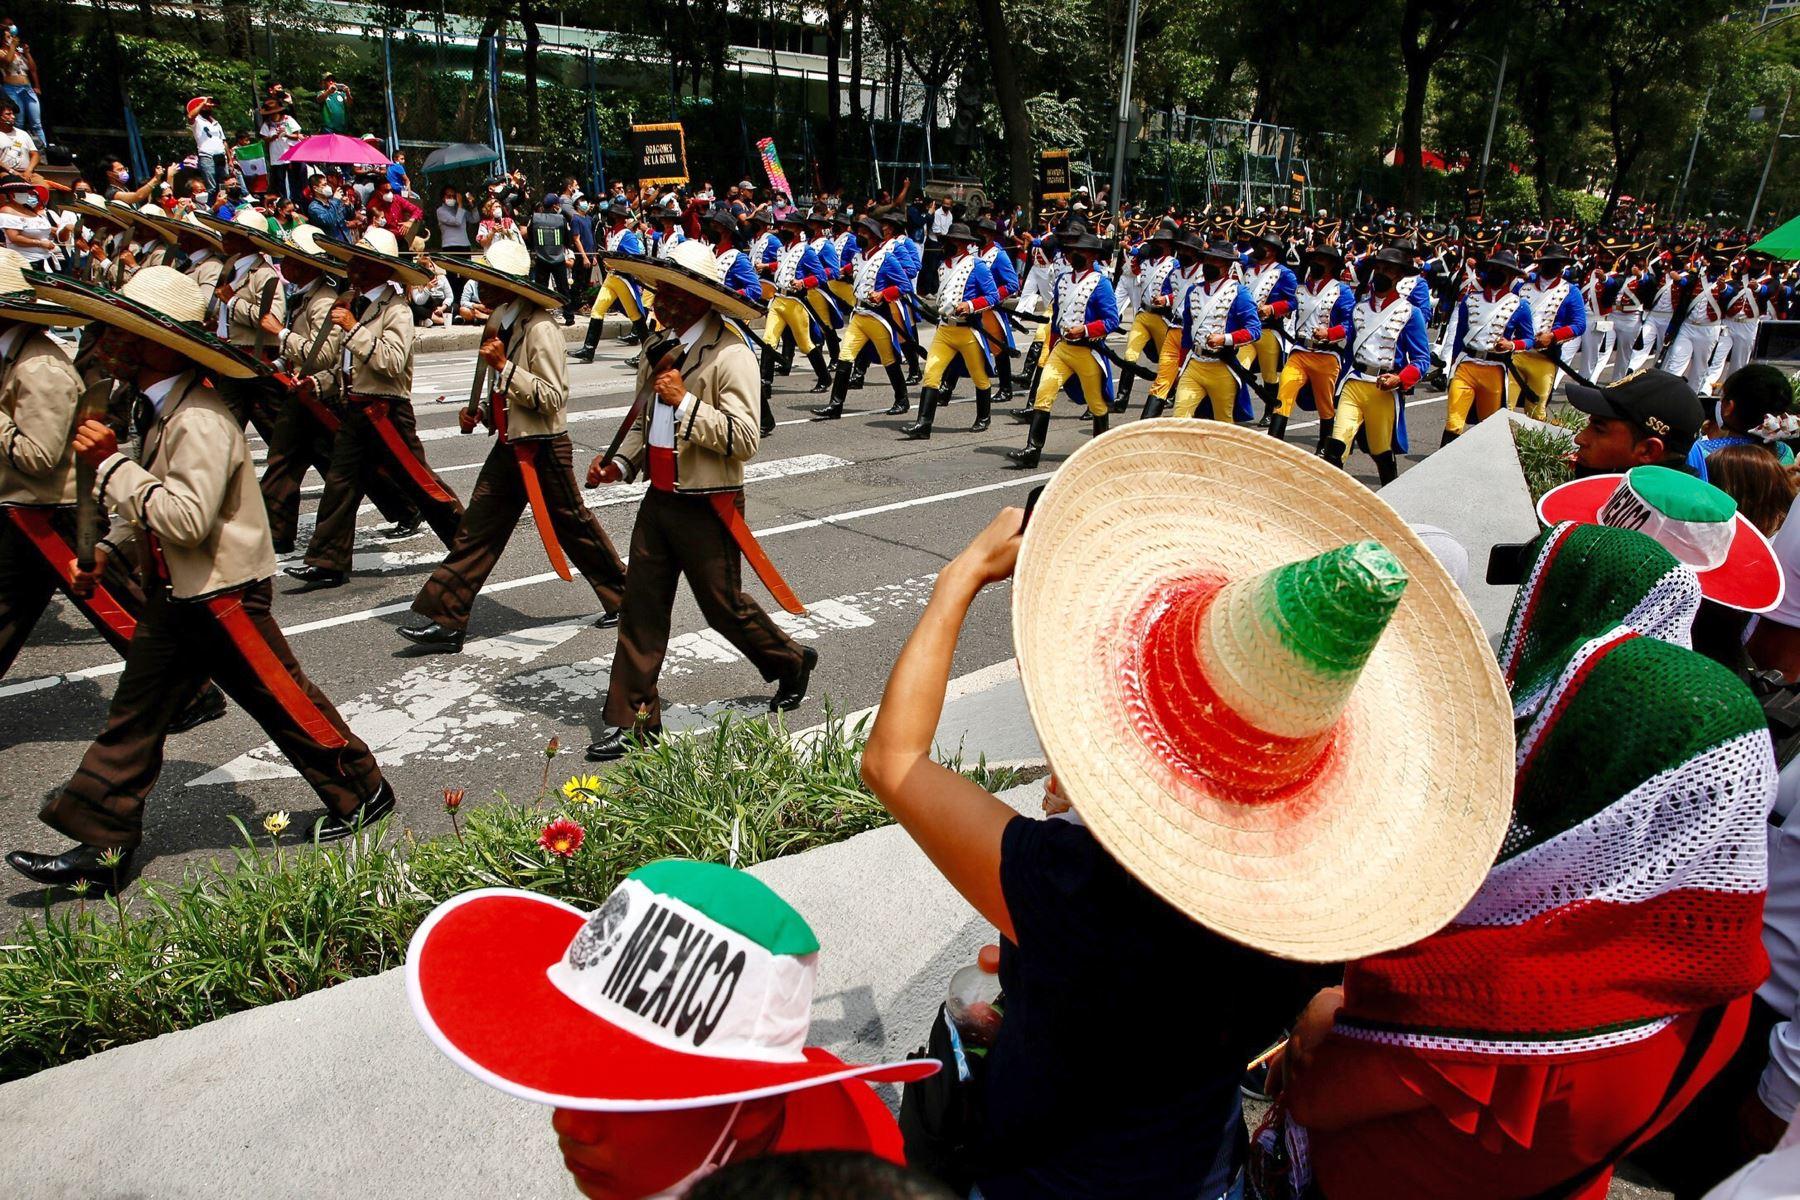 Personas observan el desfile militar por el 211 Aniversario de la Independencia de México. Foto: EFE